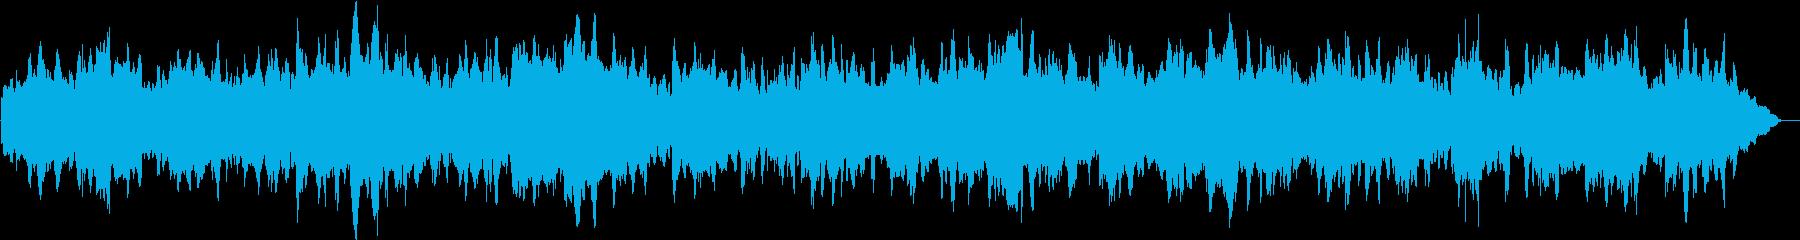 切ないパッヘルベルのカノン卒業BGM等にの再生済みの波形